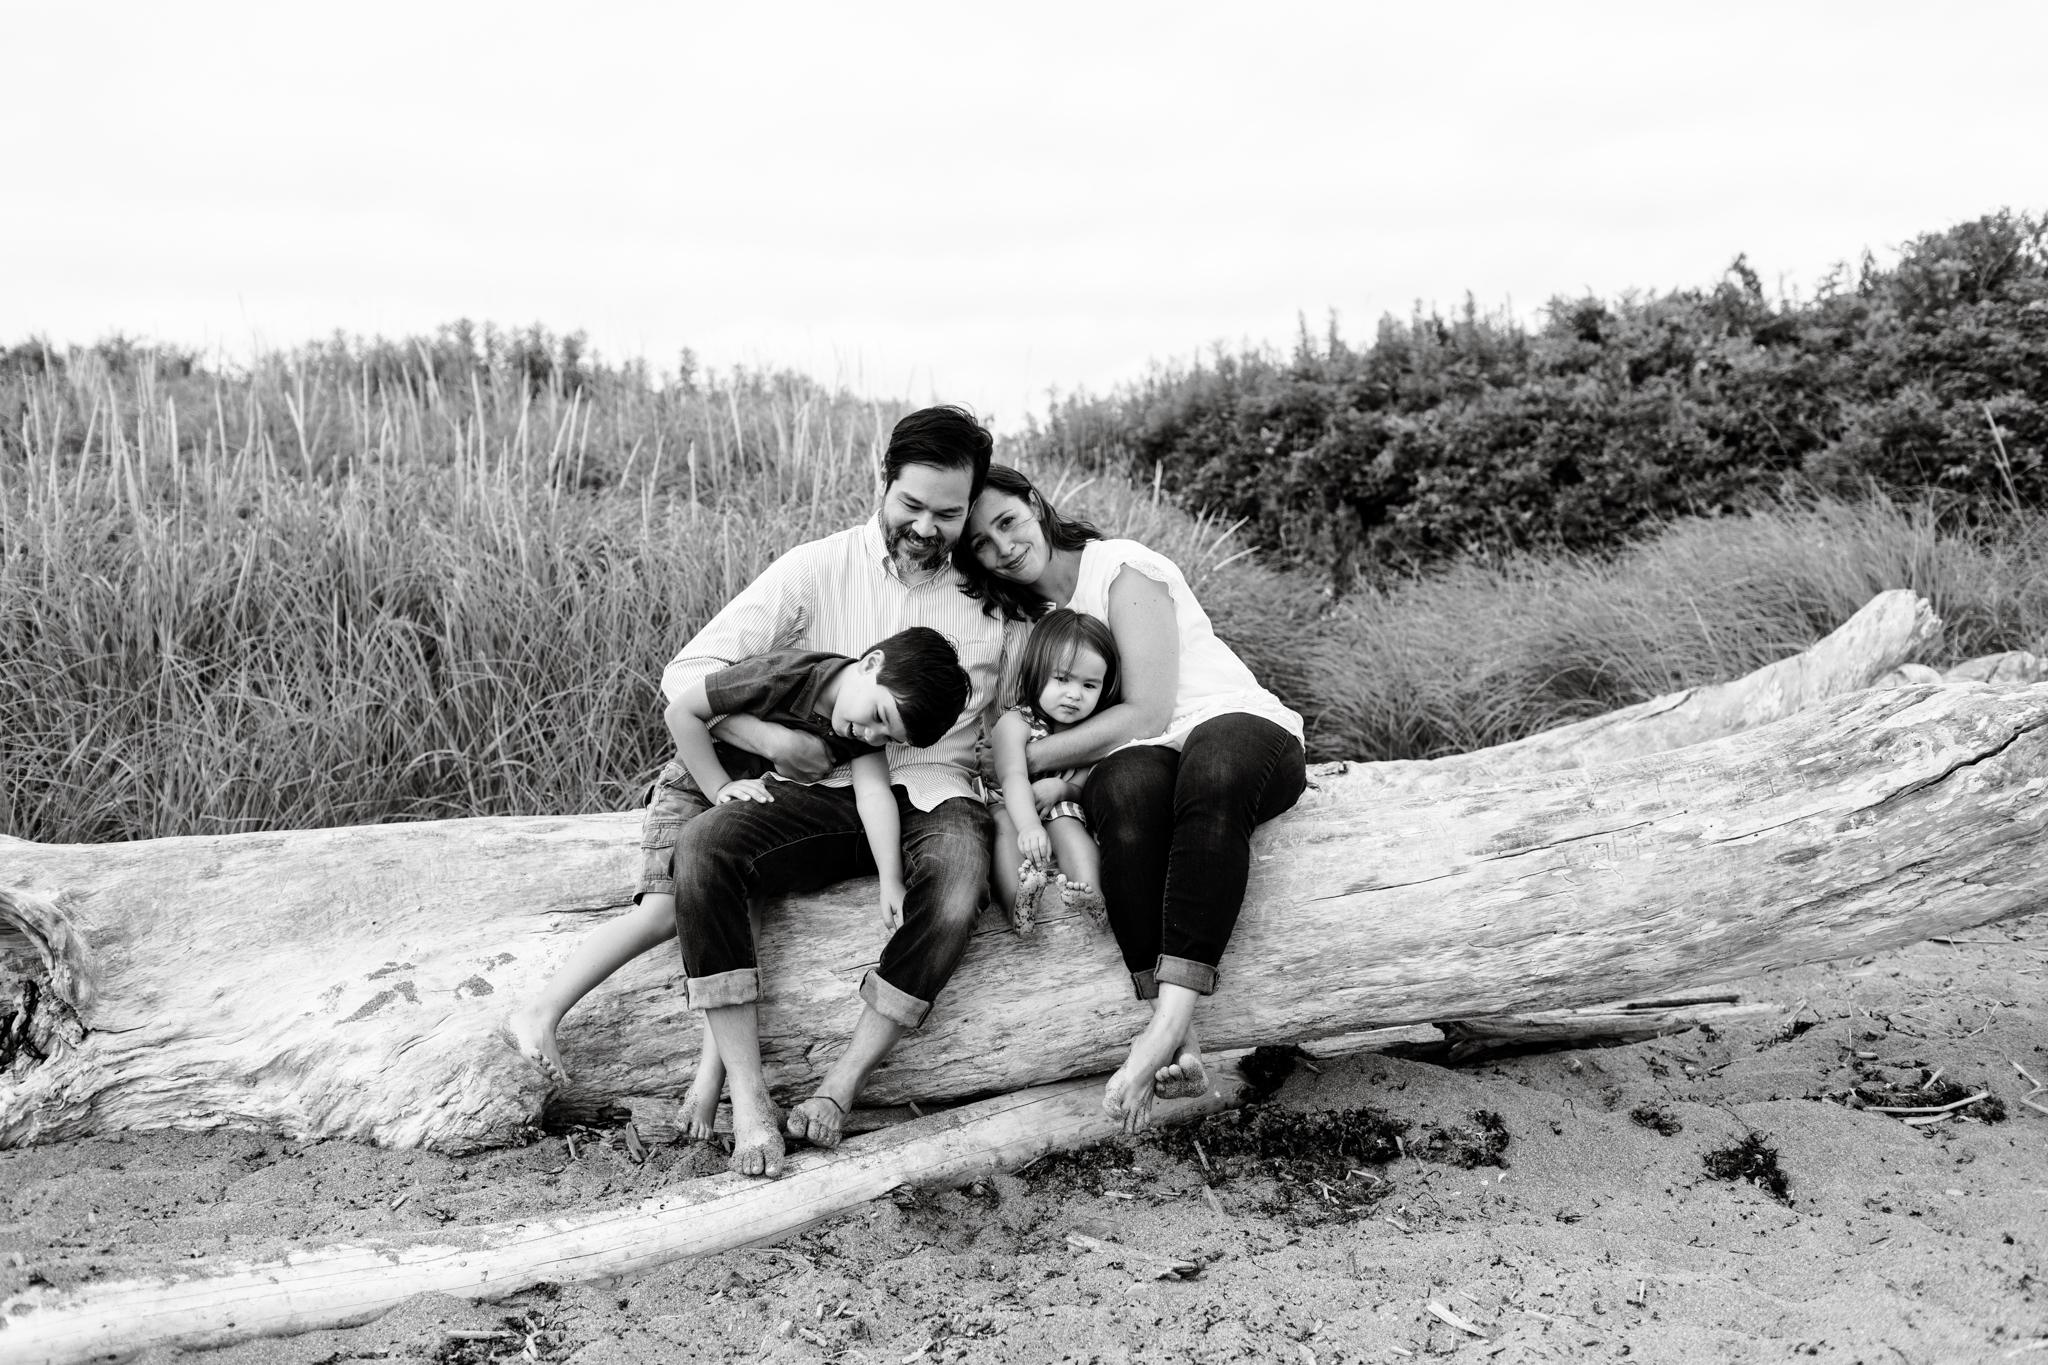 maine-family-photographer-beach-lifestyle -35.jpg